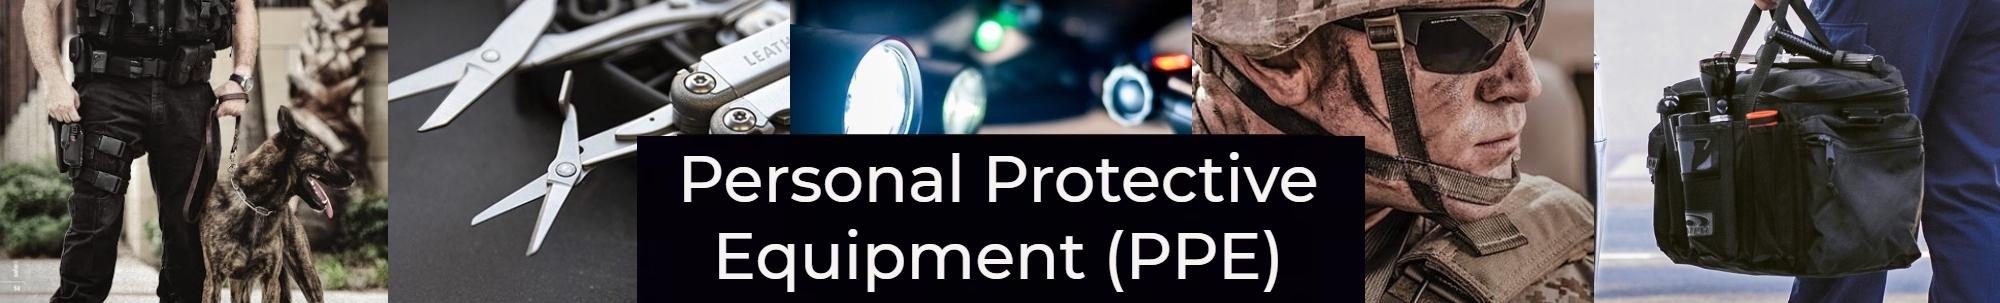 Equipment-PPE.jpg